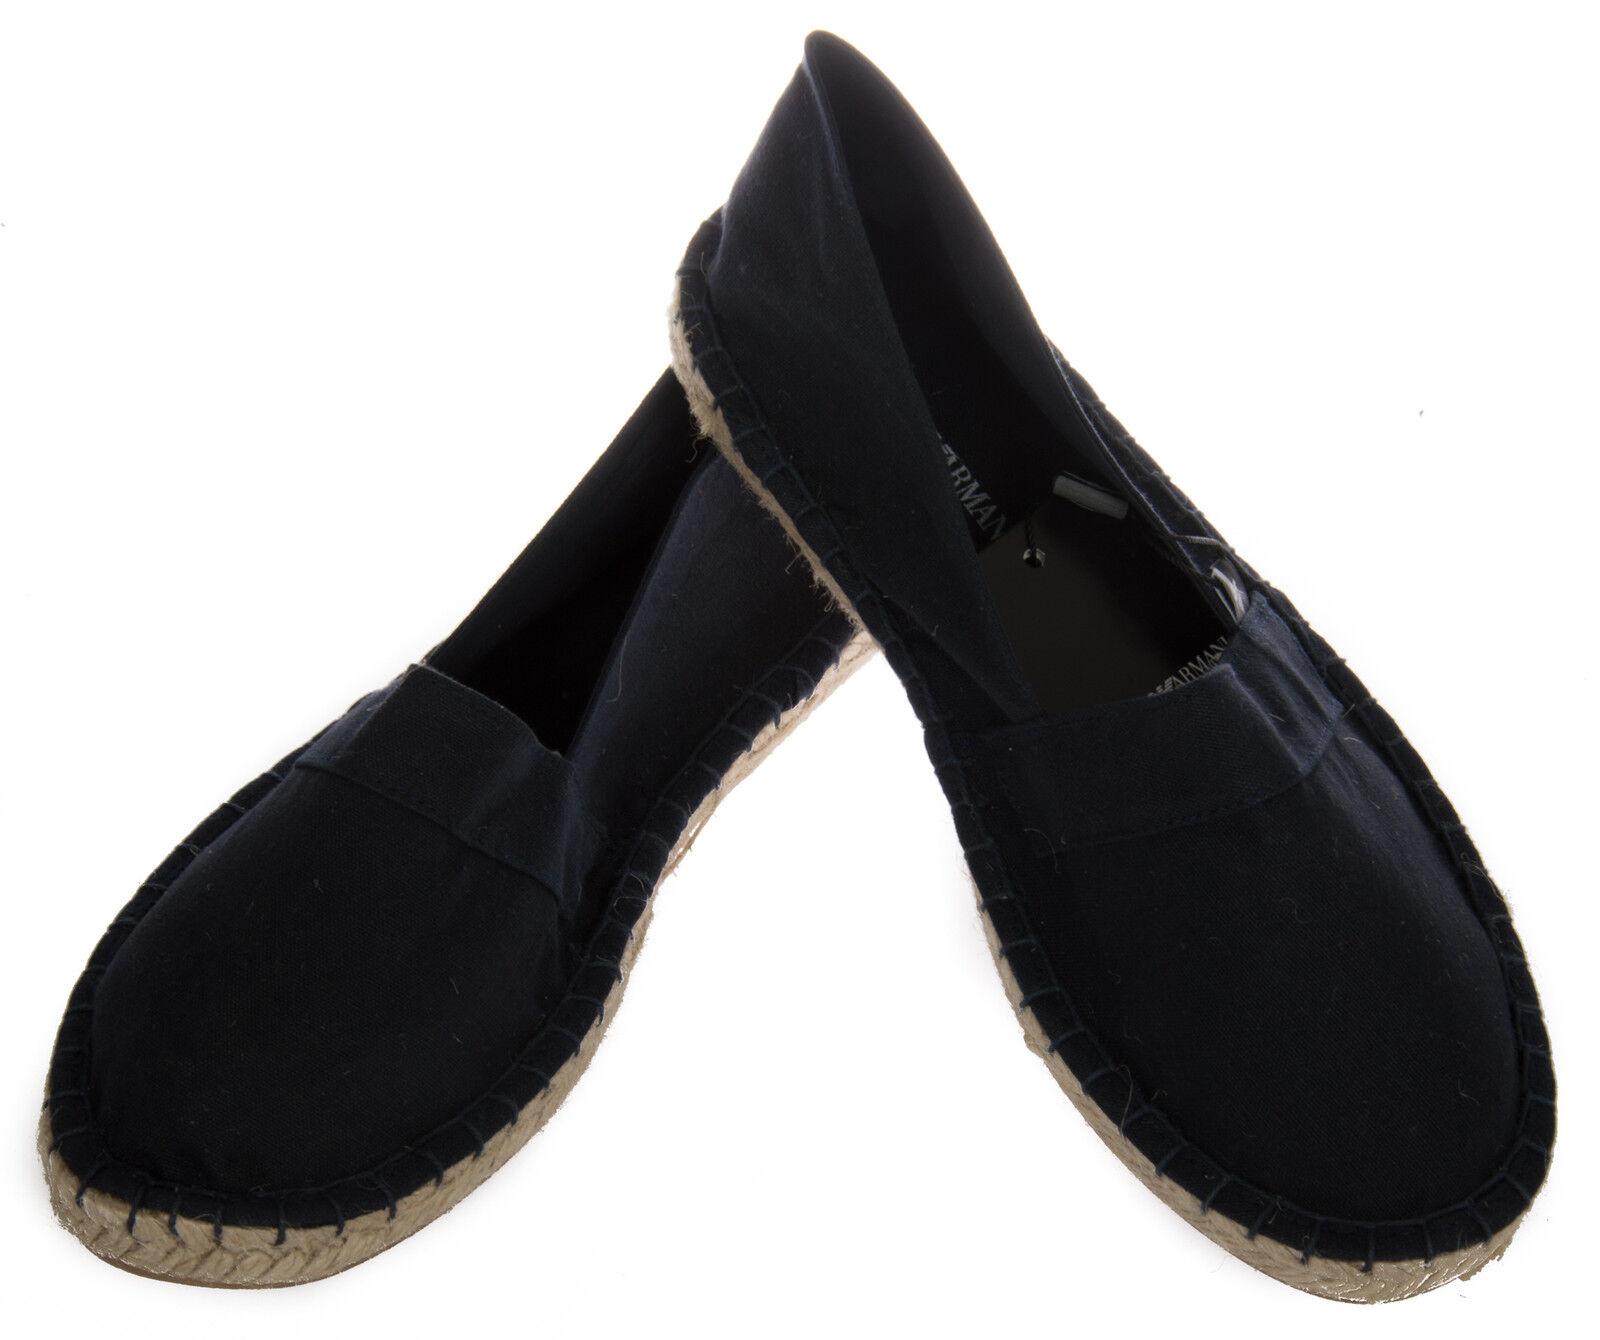 Espadrillas scarpa uomo EMPORIO ARMANI 210578 5P497 taglia 42 Coloreeee  Coloreeee Coloreeee 00135 MARIN 06e51d ... fd36611e7cd